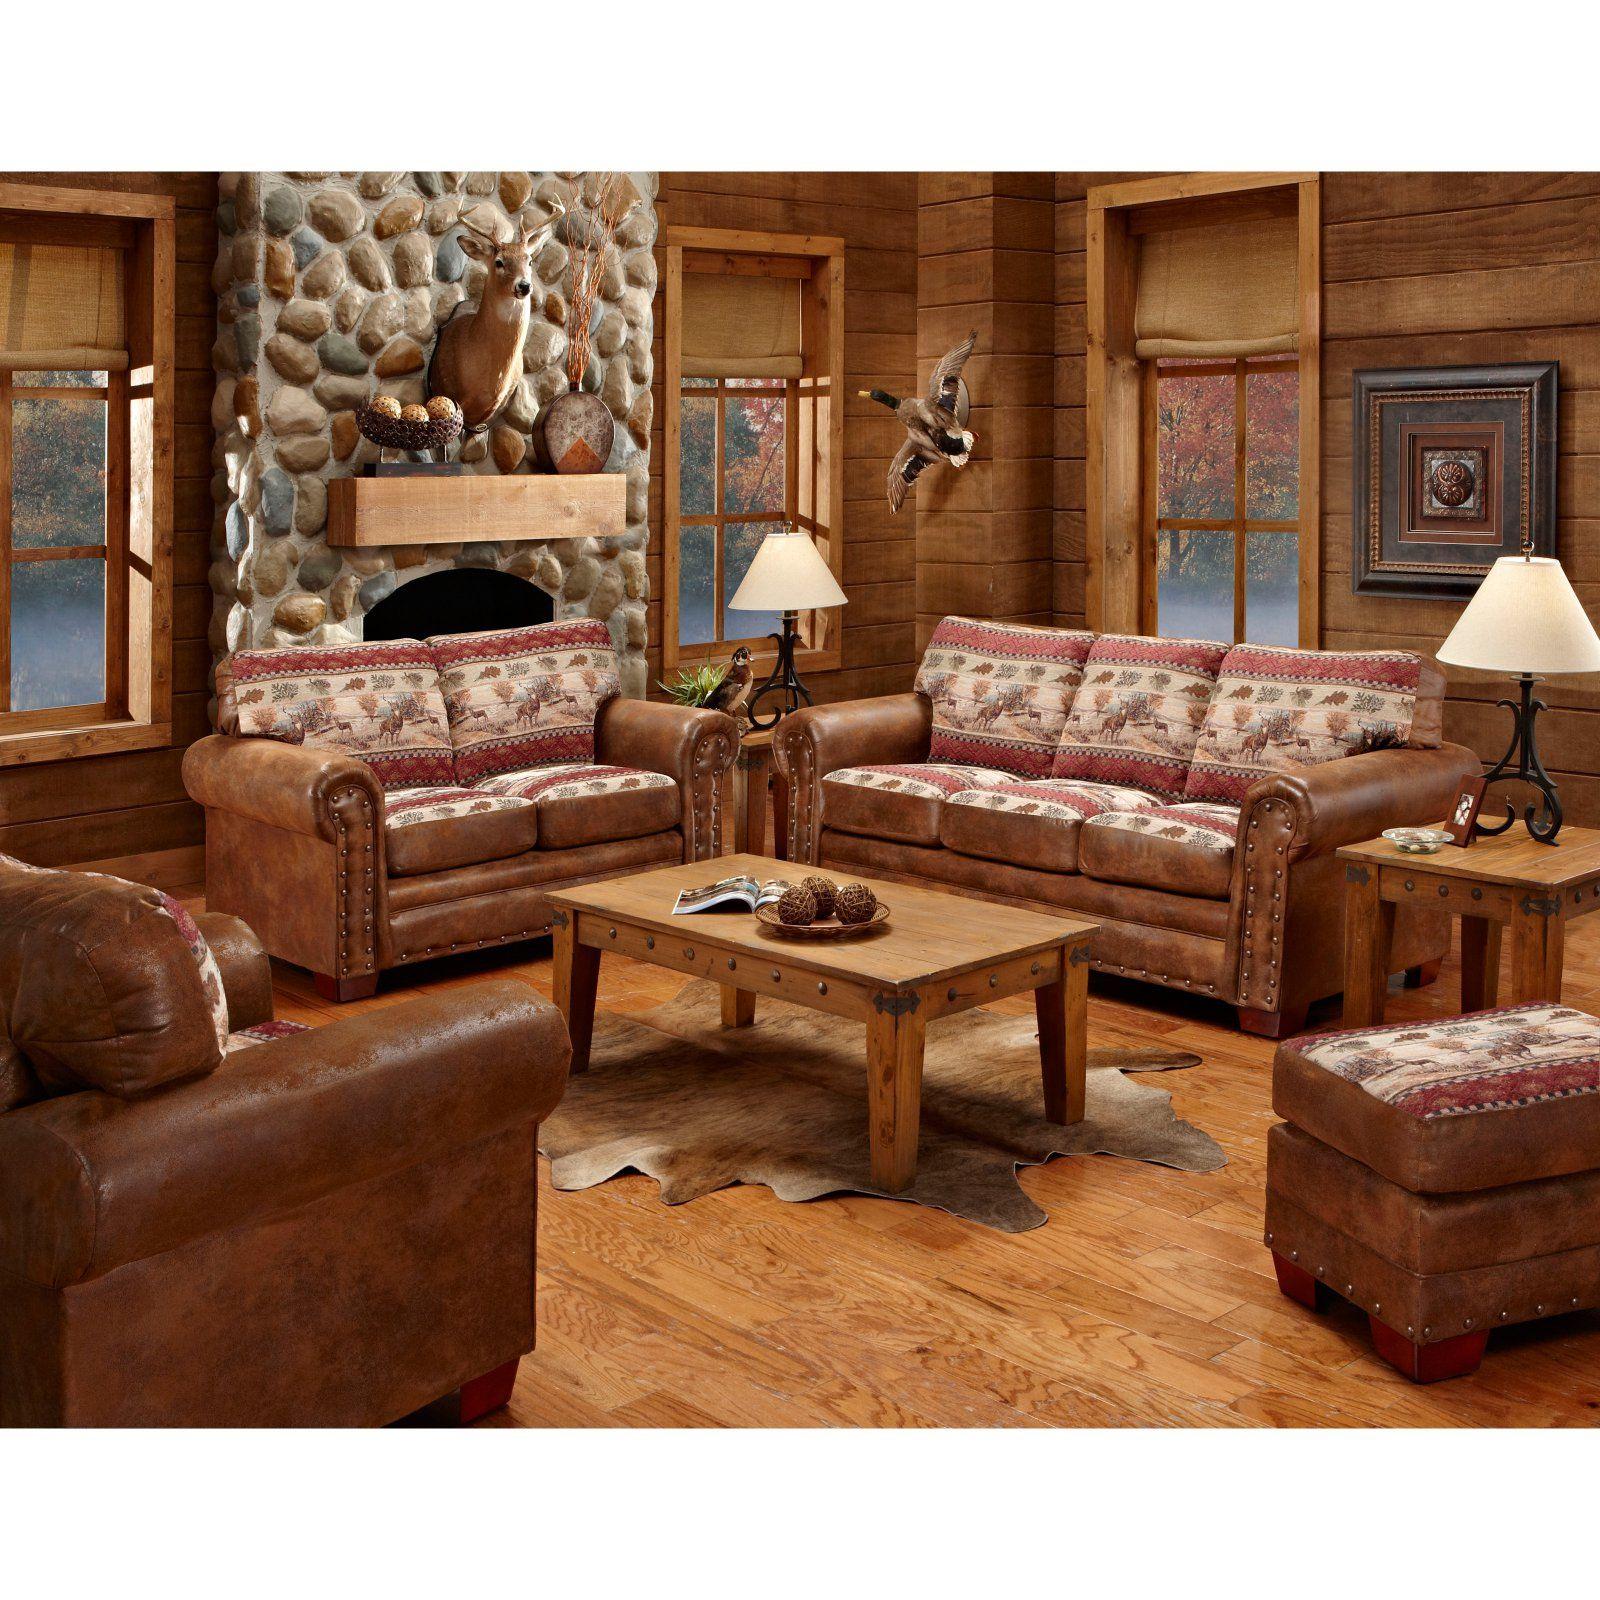 American Furniure Classics Deer Valley Sofa Bed, Brown